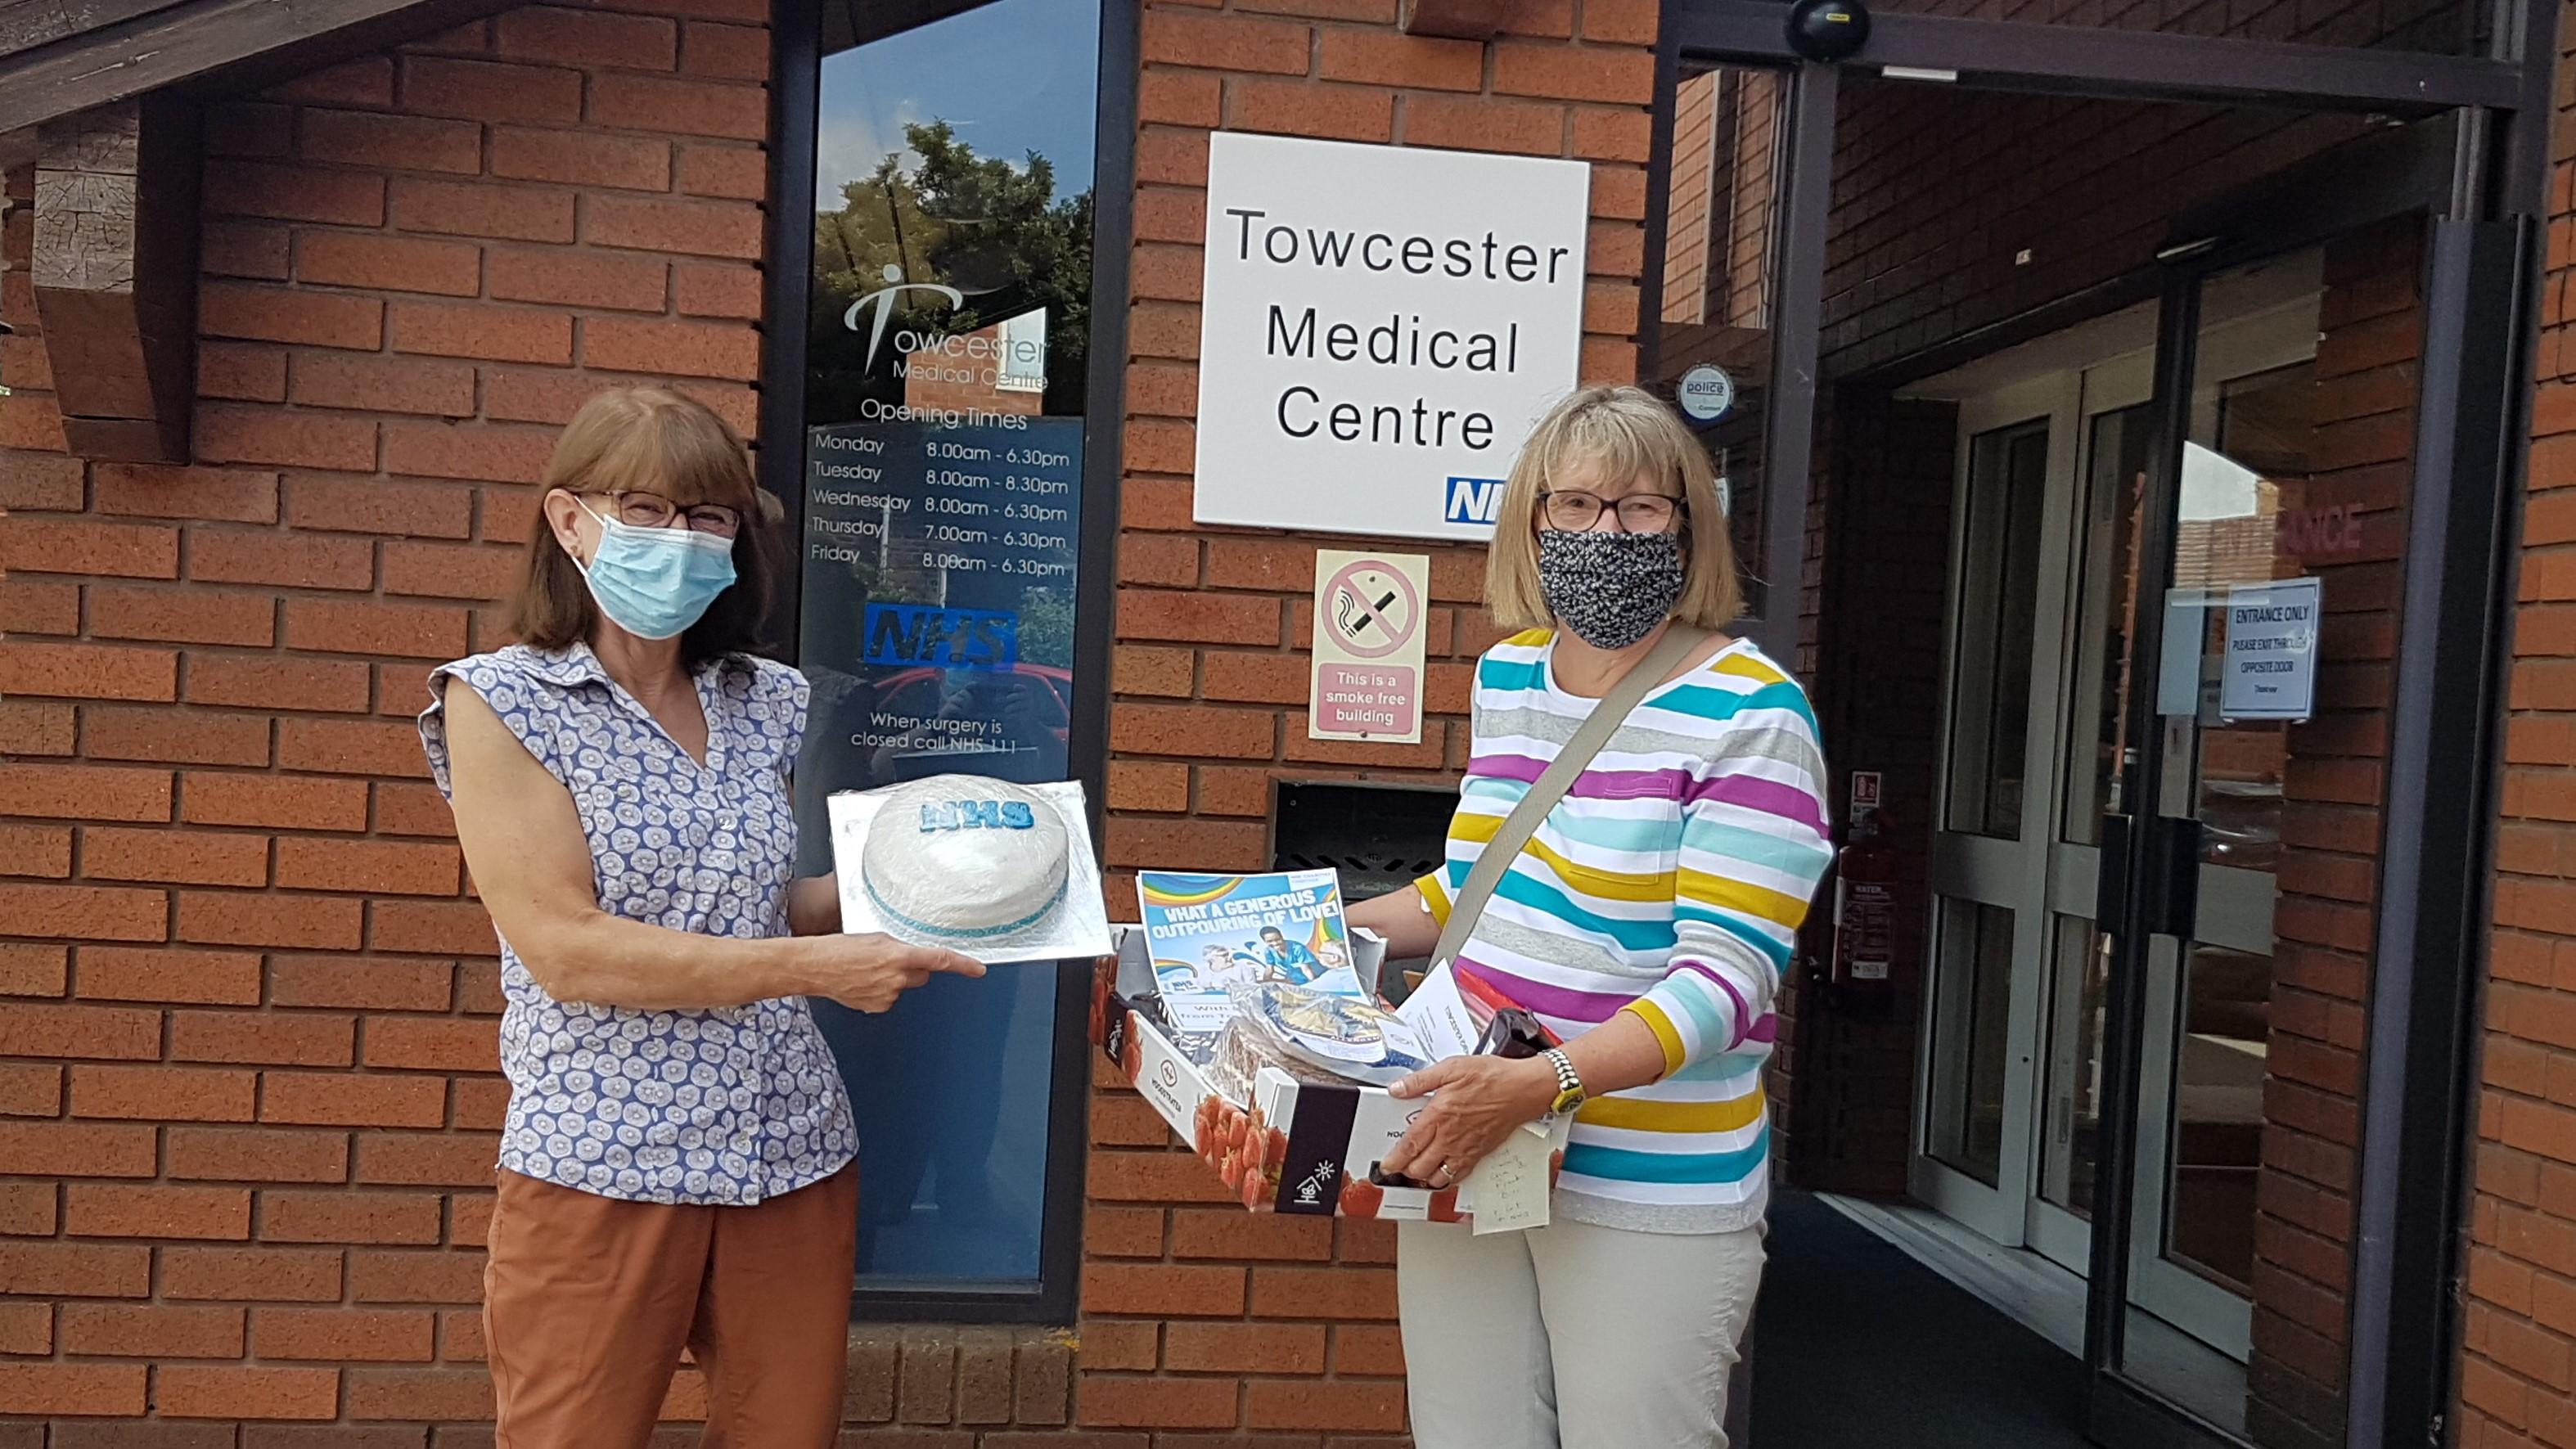 Delivering cakes outside Towcester medical centre